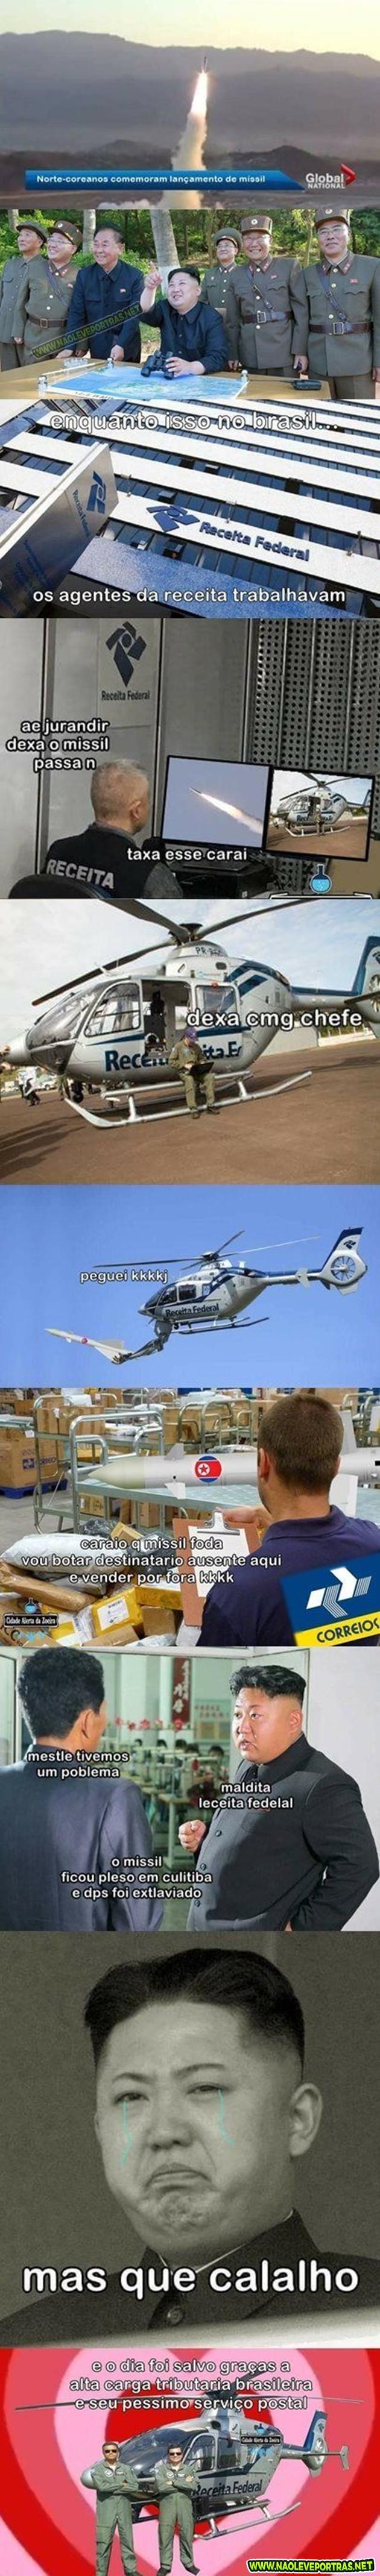 salvo pela receita federal meme 2